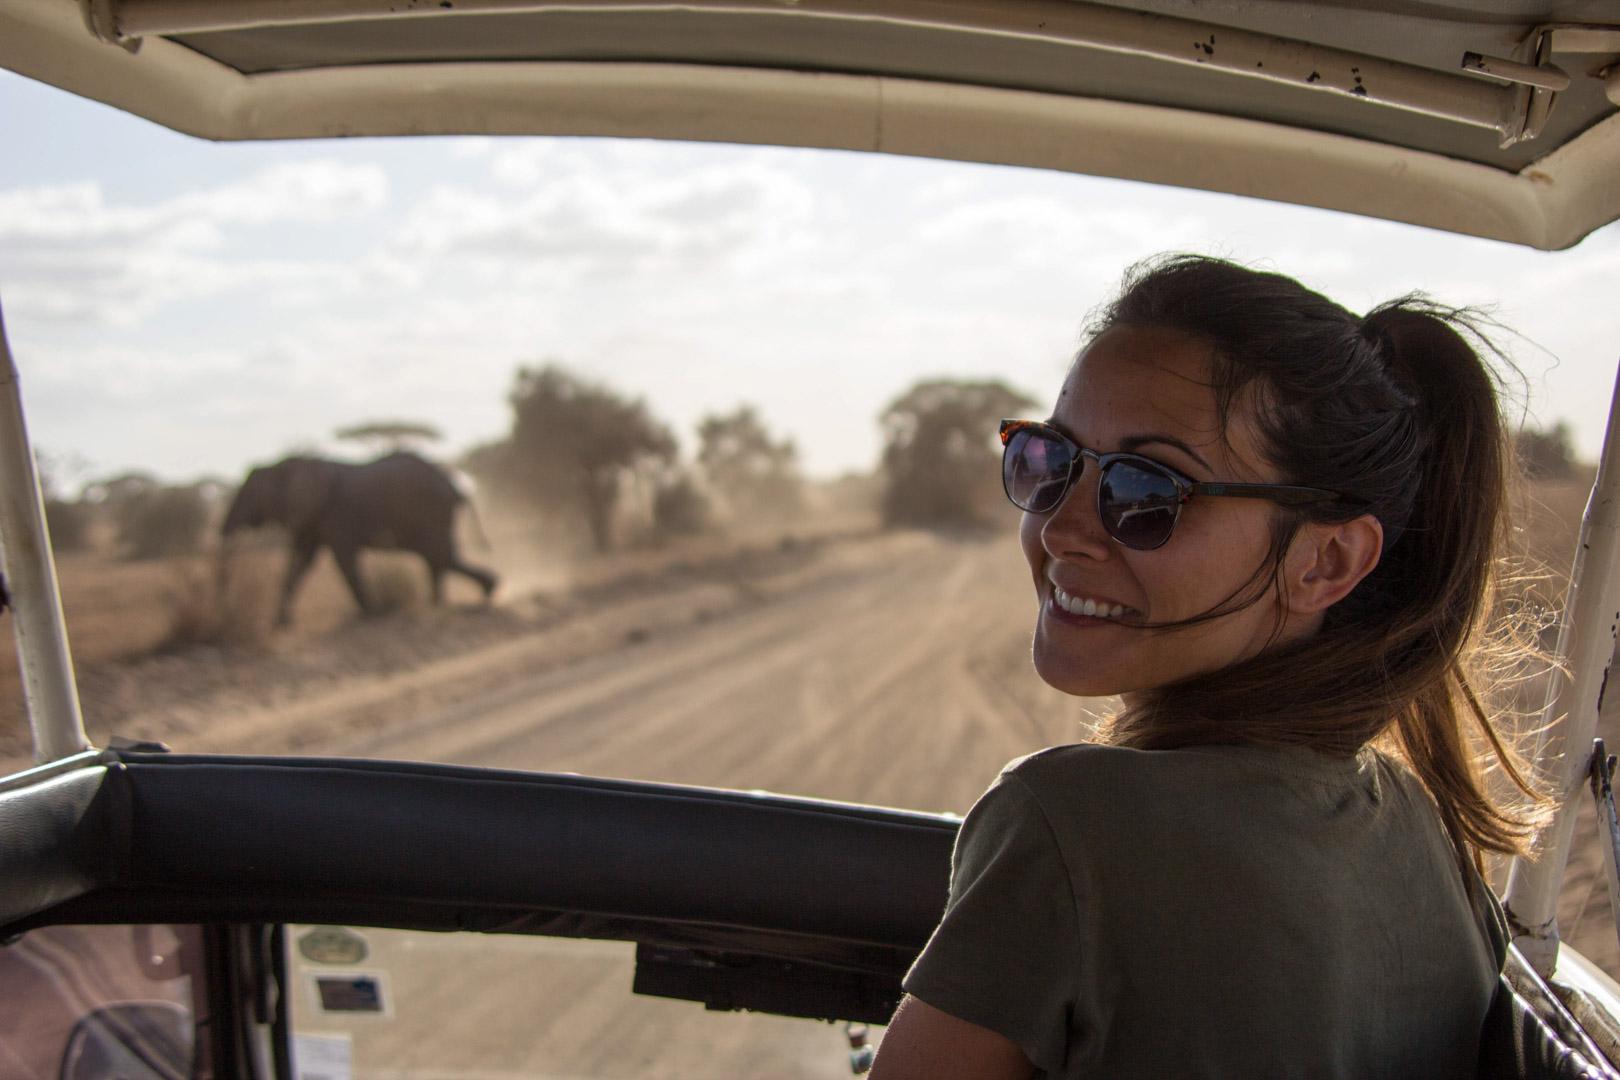 Un sueño hecho realidad, Parque Nacional de Amboseli, Kenia